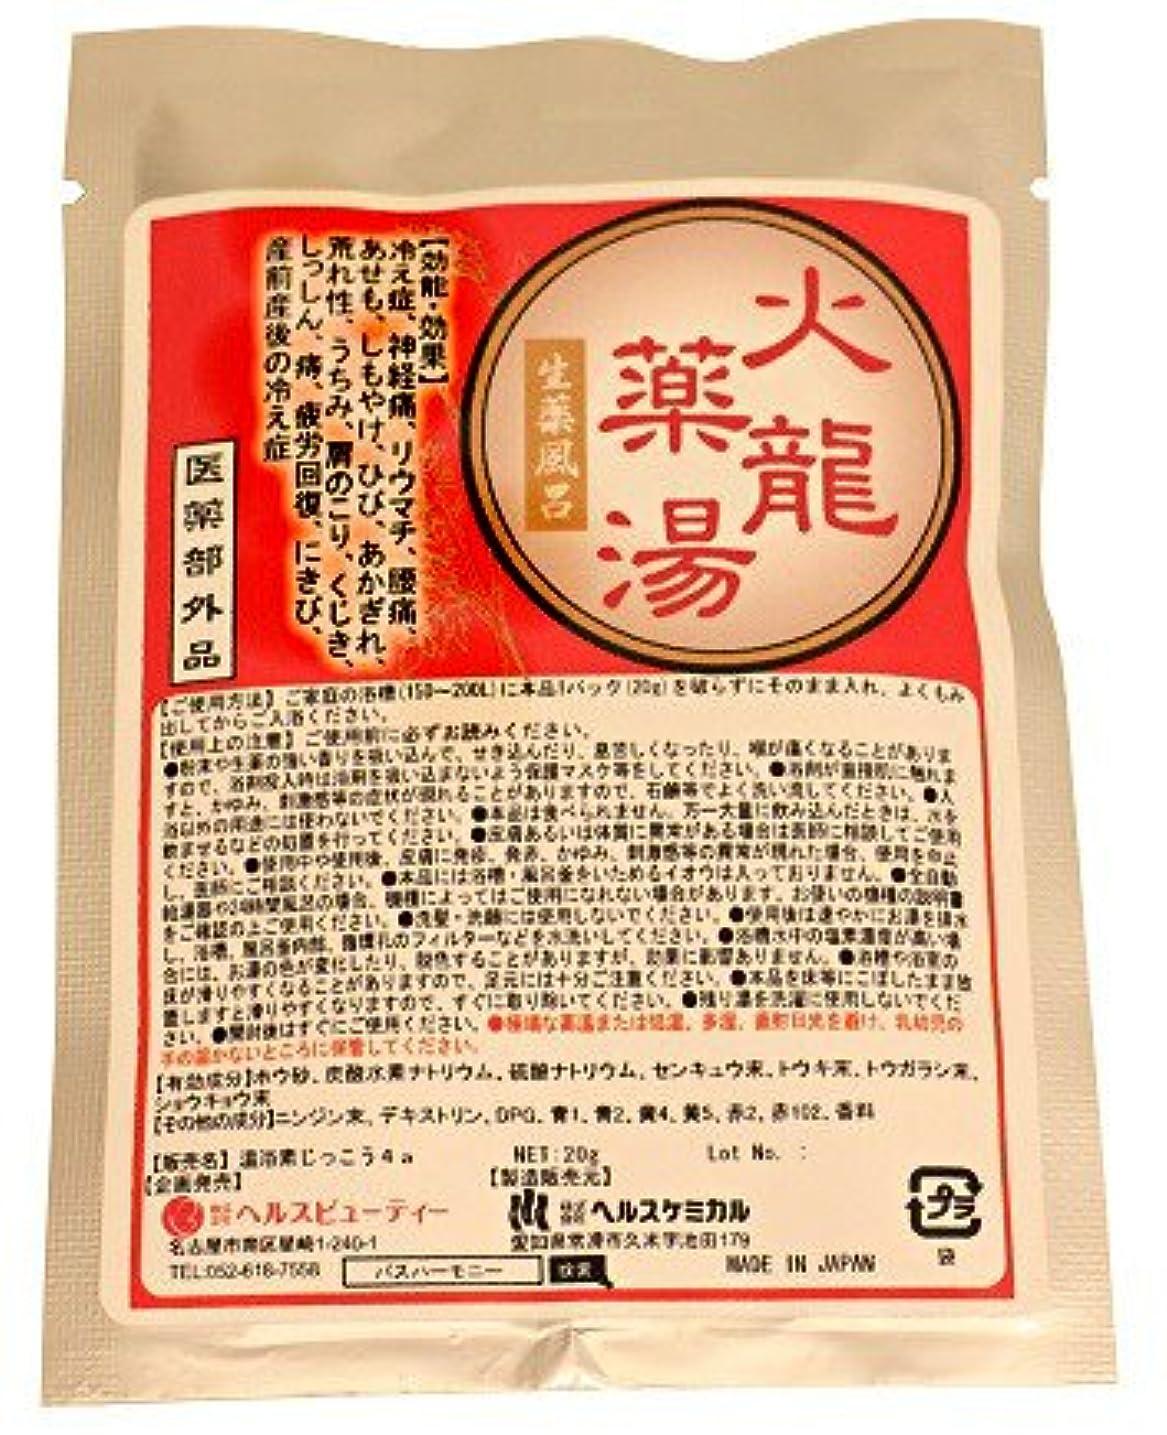 バイバイフィクション確認火龍 薬湯 分包 タイプ 1回分 生薬 薬湯 天然生薬 の 香り 医薬部外品